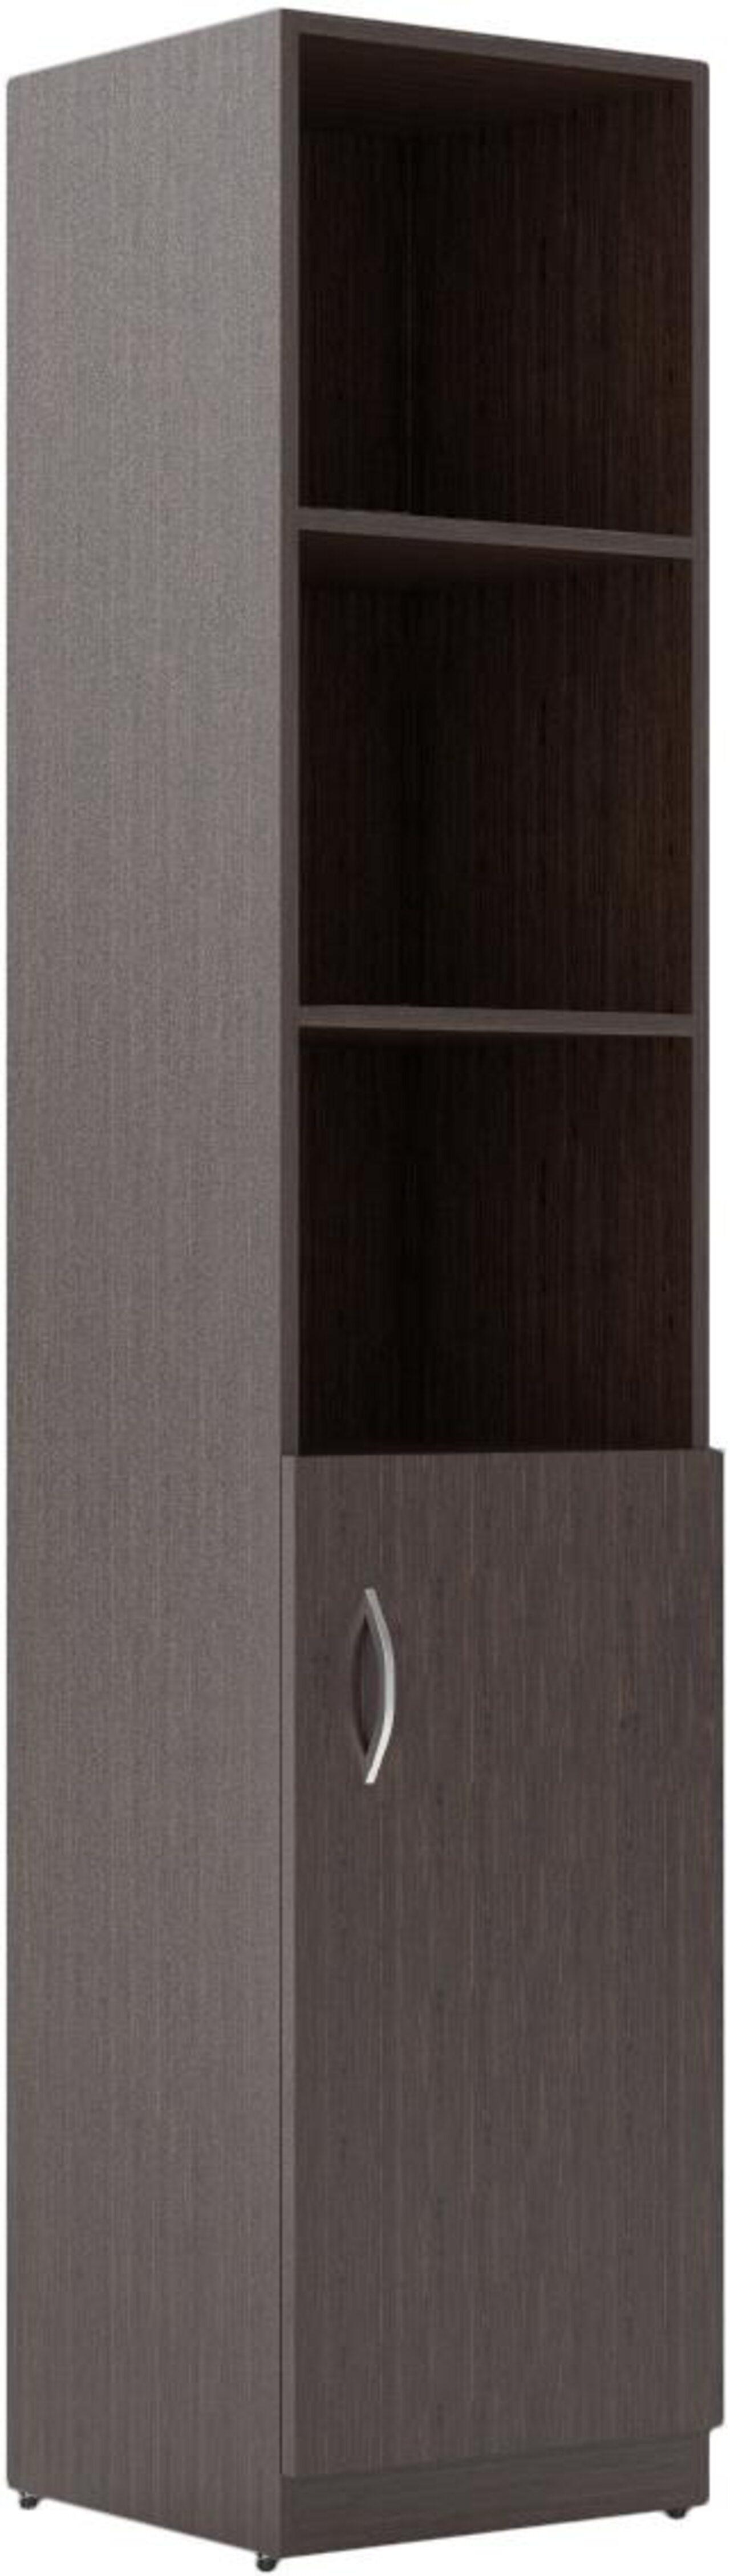 Шкаф пенал комбинированный правый  Simple 38x39x182 - фото 3